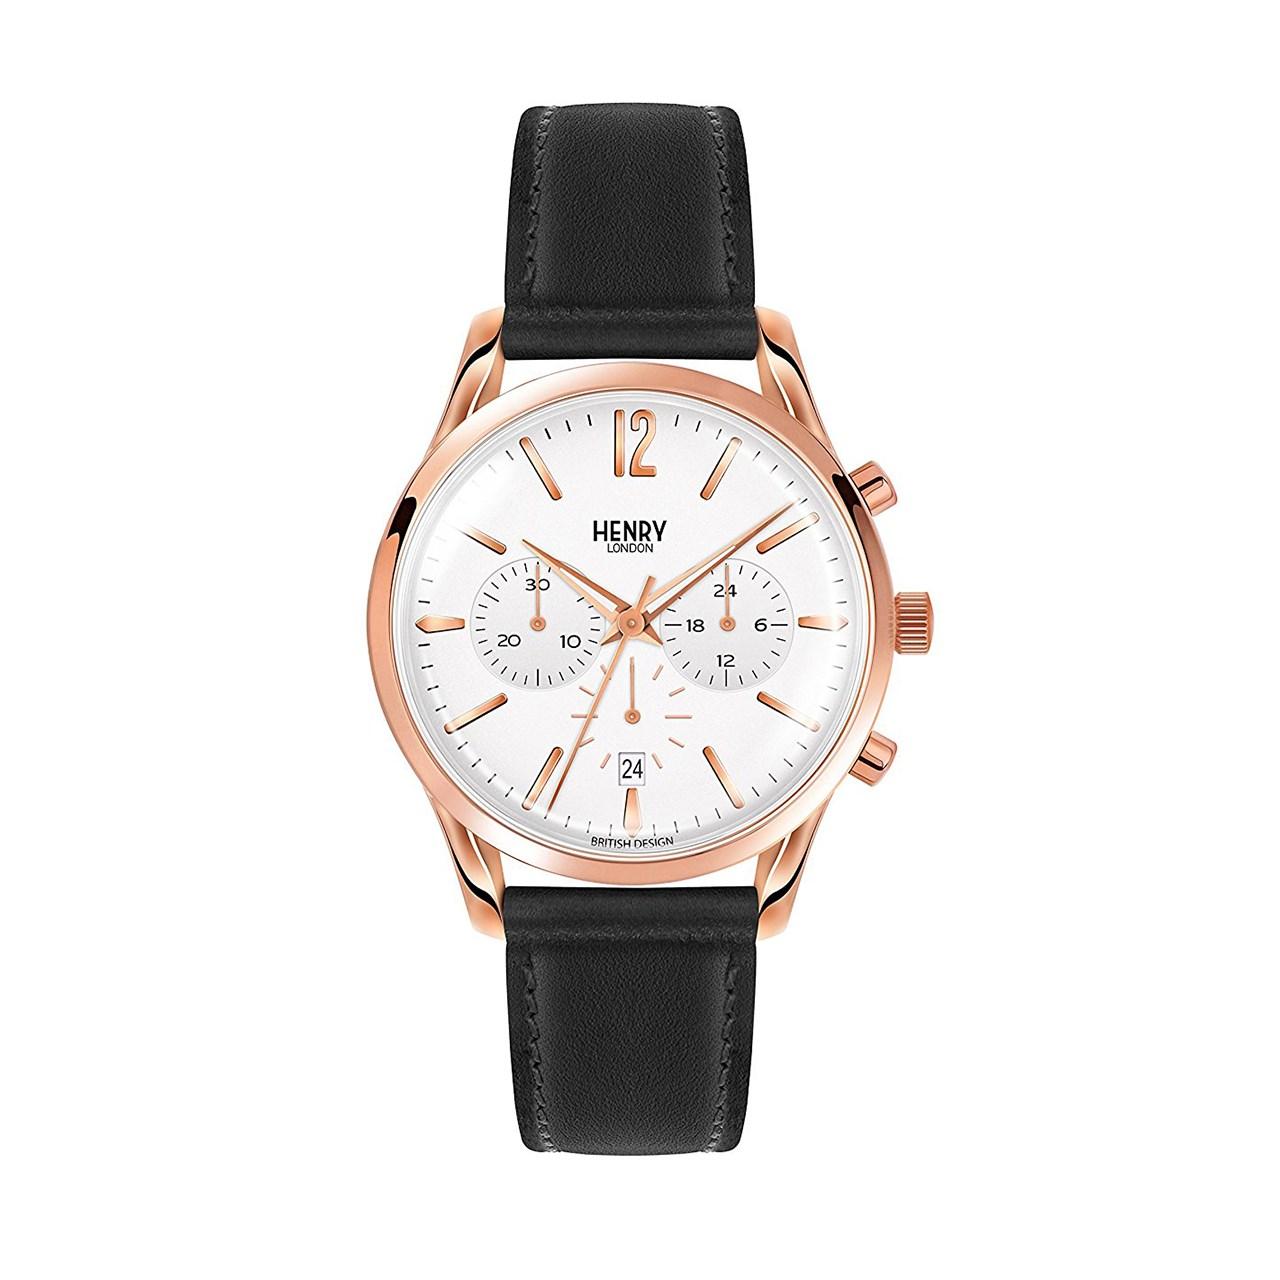 ساعت مچی عقربه ای  هنری لندن مدل Hl39-cs-0036